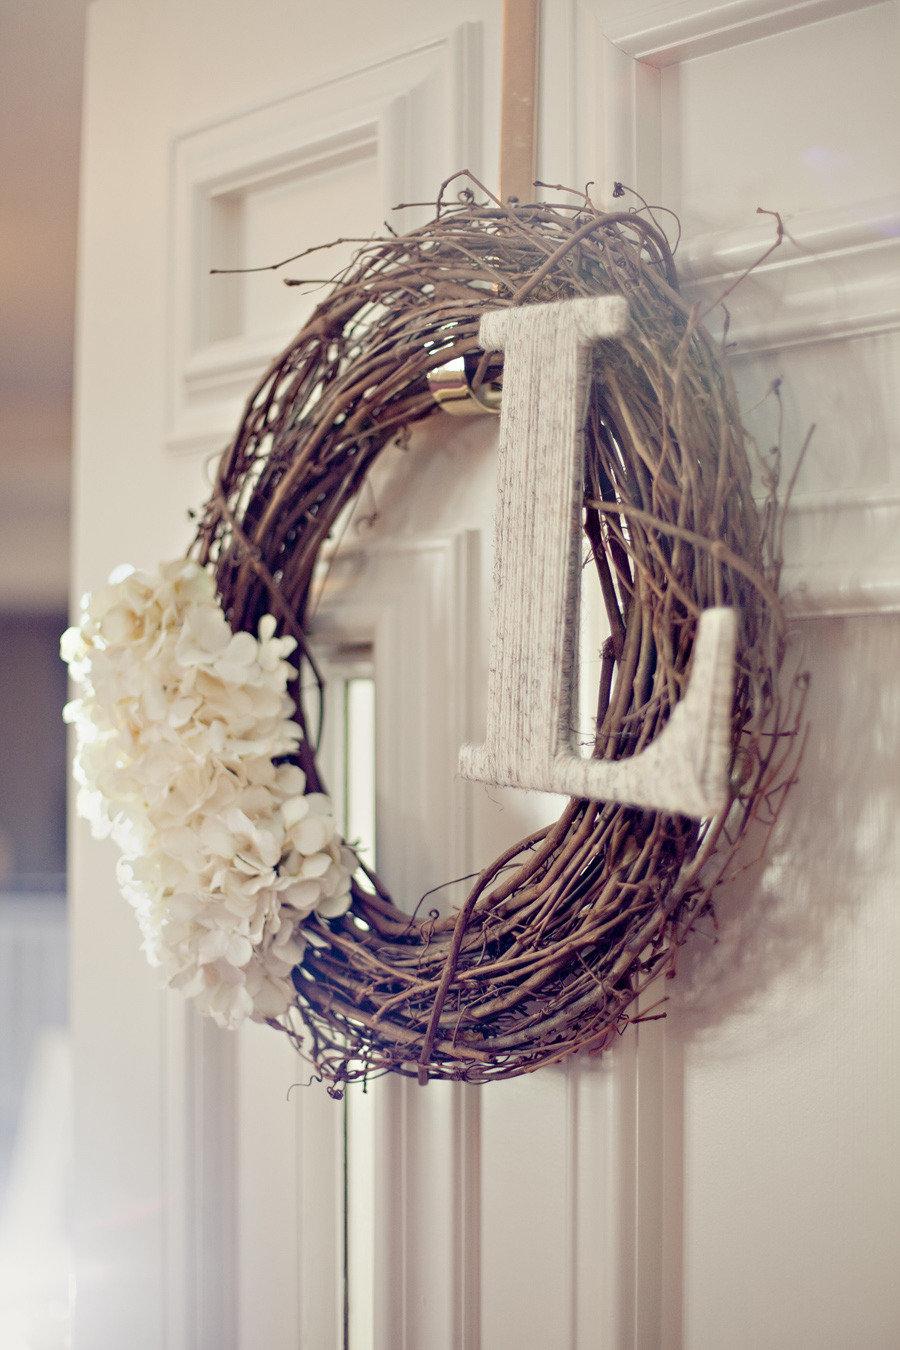 cute wreath!